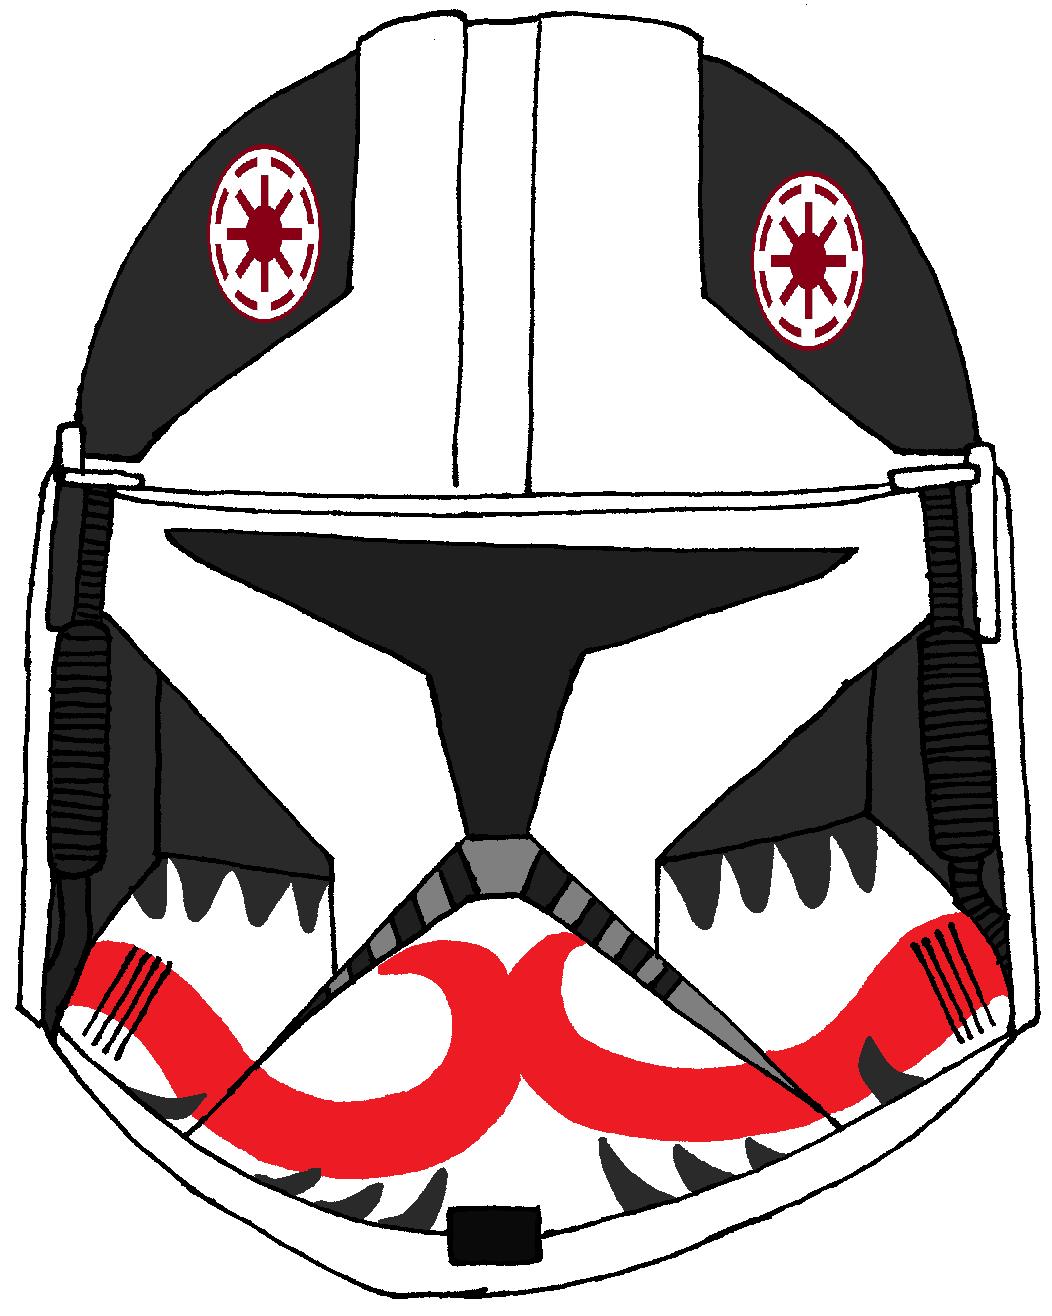 Clone Trooper Pilot Matchstick S Helmet Star Wars Helmet Star Wars Images Star Wars Clone Wars